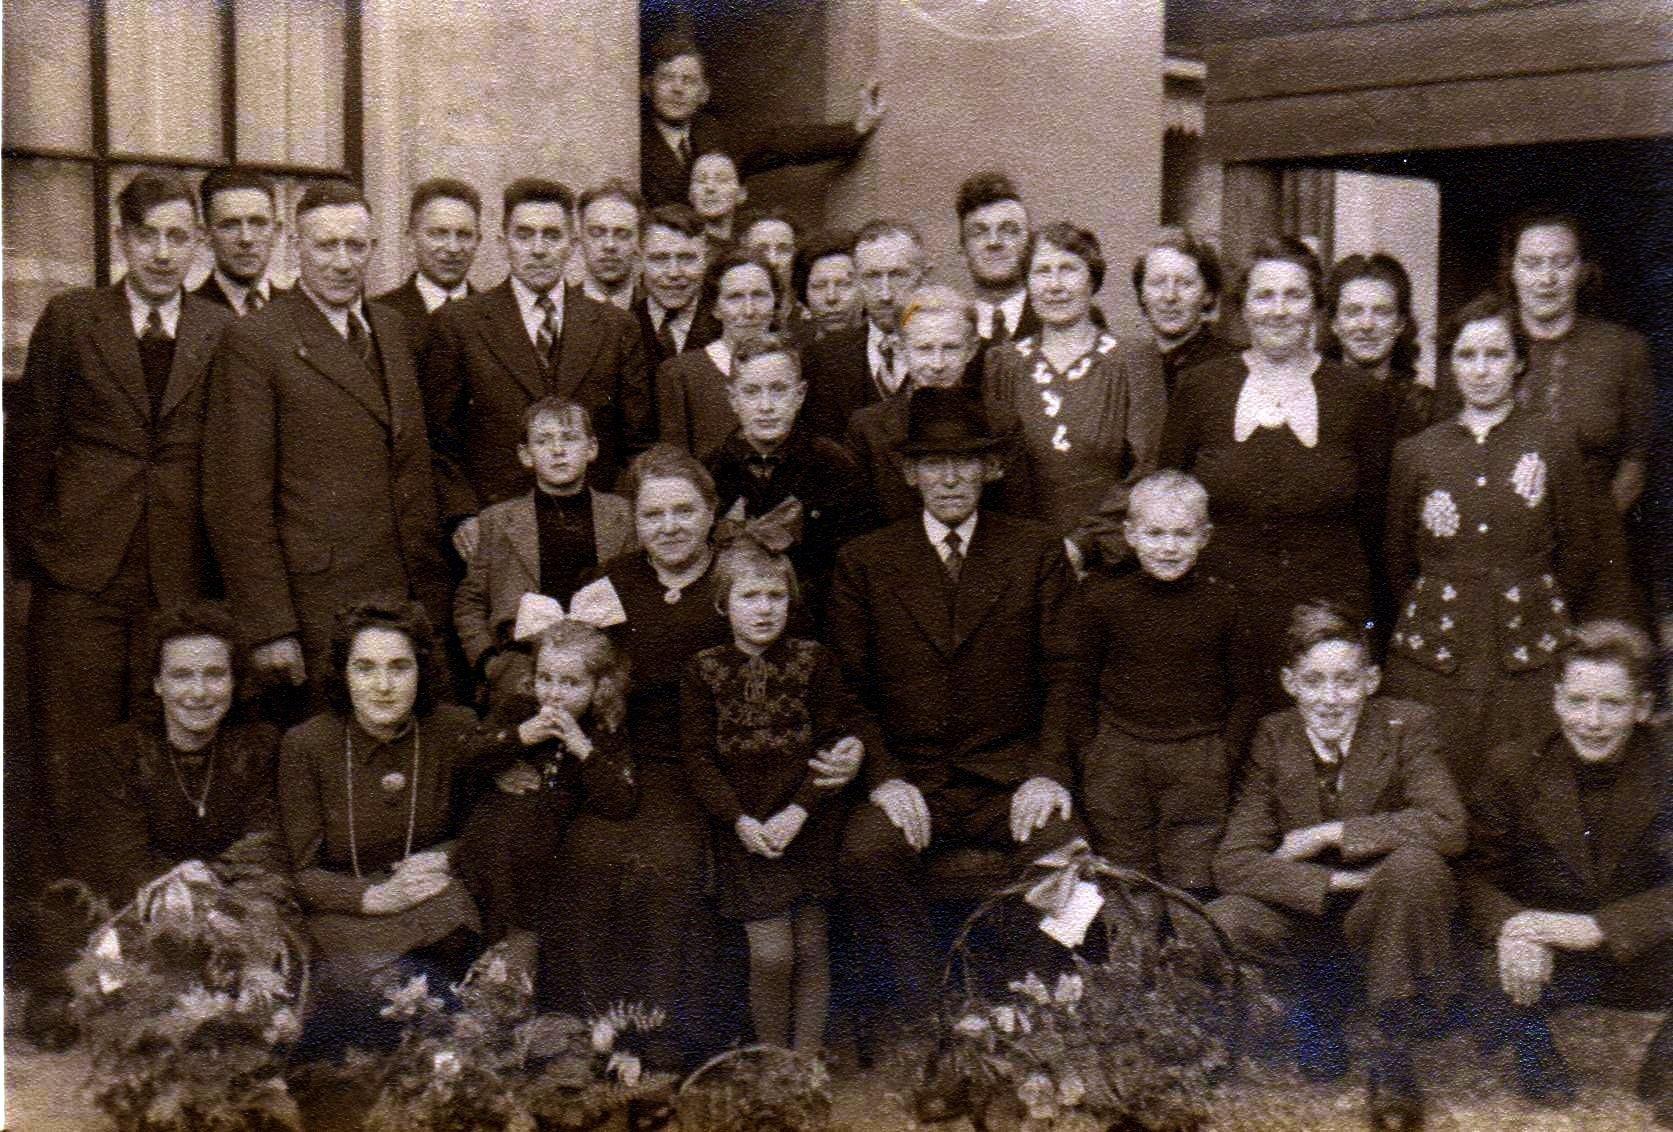 Teunis Zijderveld (1873-1947), Maagje Kool (1875-1965) en kinderen